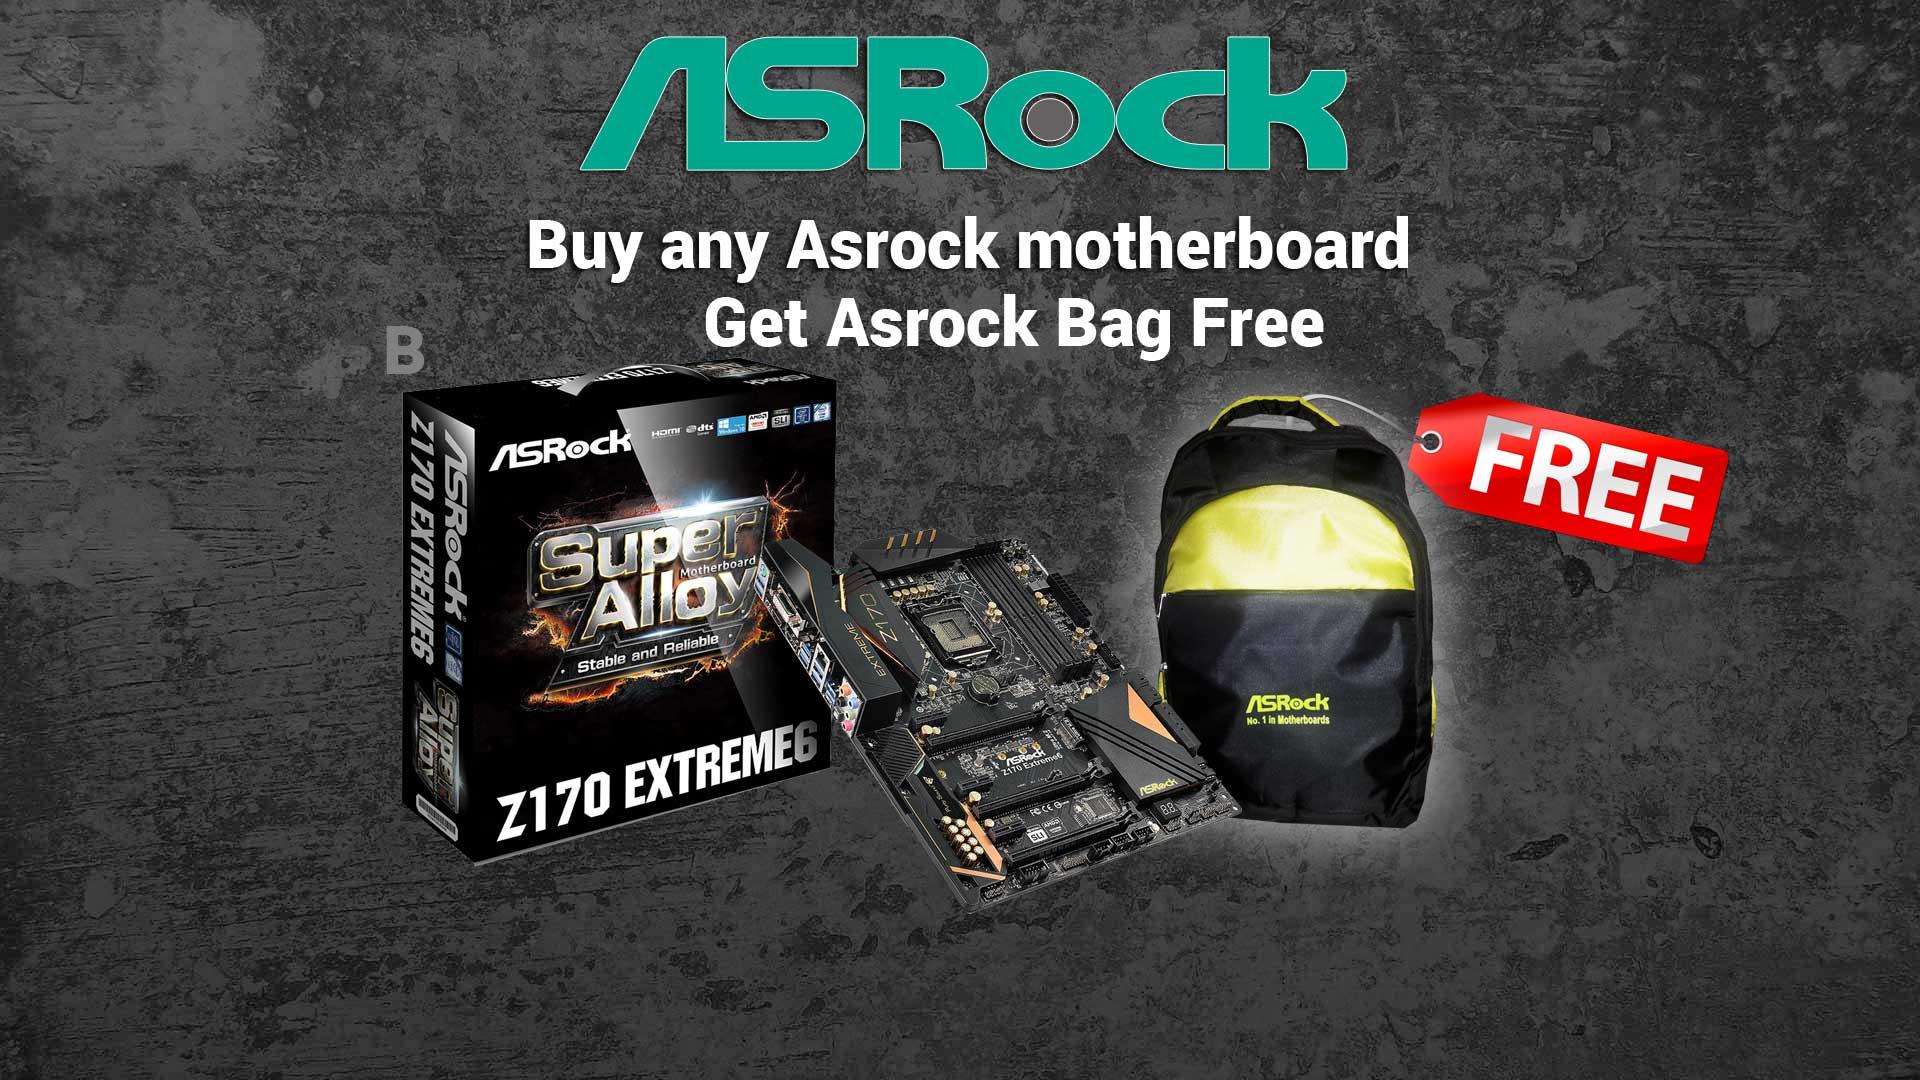 asrock-bag-free